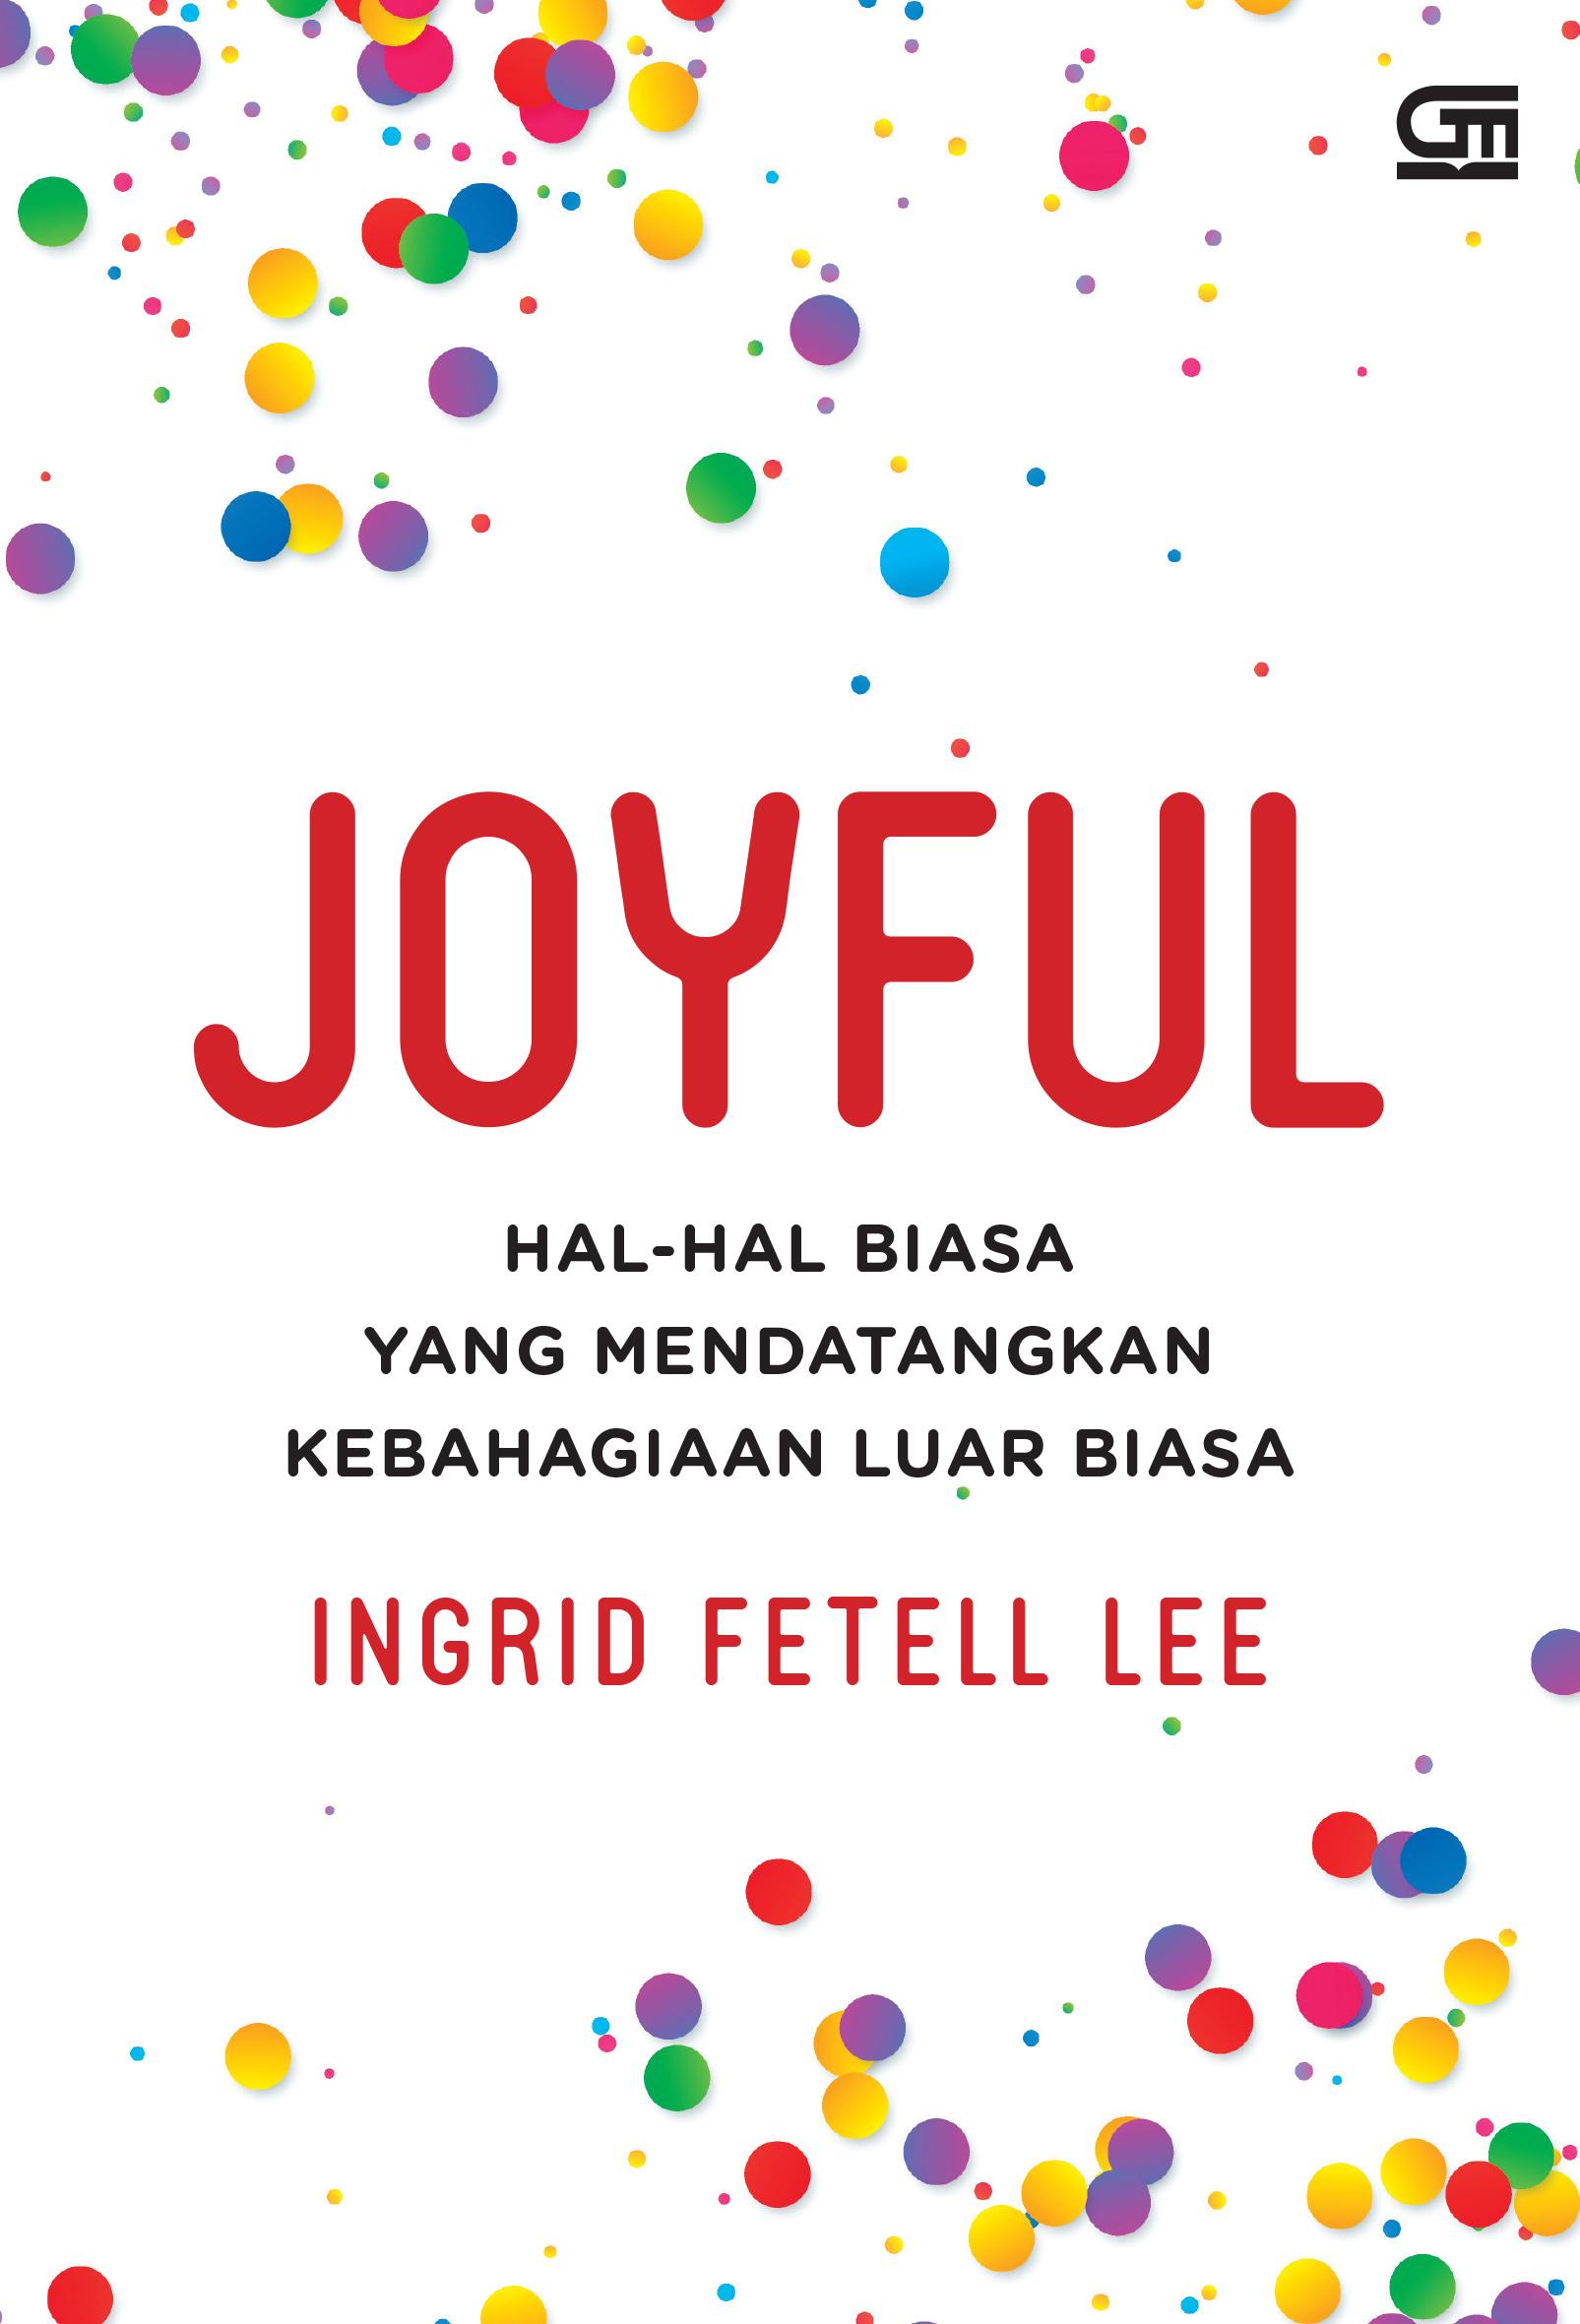 Joyful: Hal-Hal Biasa yang Mendatangkan Kebahagiaan Luar Biasa